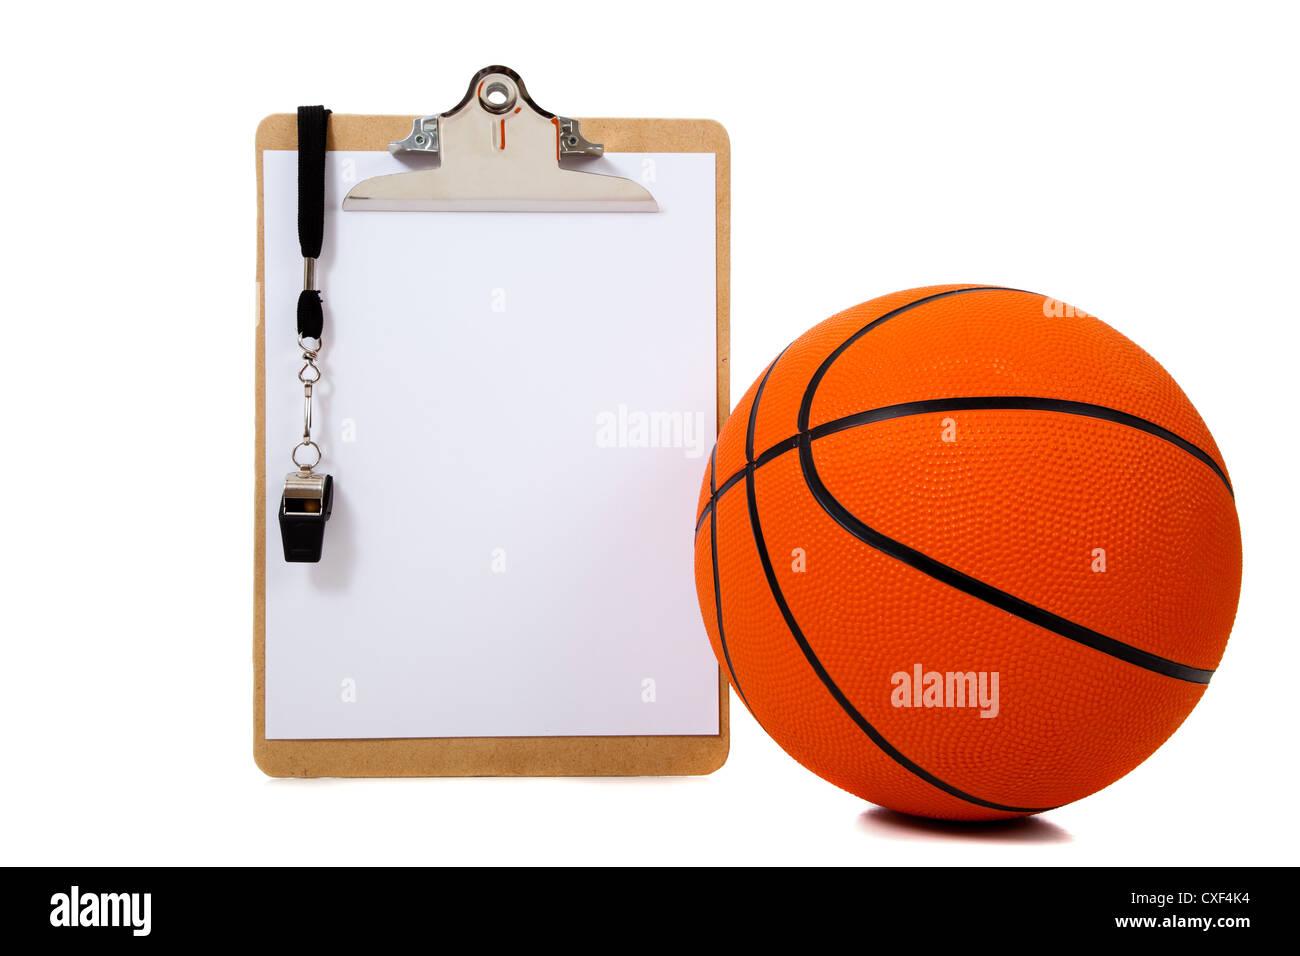 Il Coach appunti con un fischio e una palla da basket su uno sfondo bianco con spazio di copia Immagini Stock